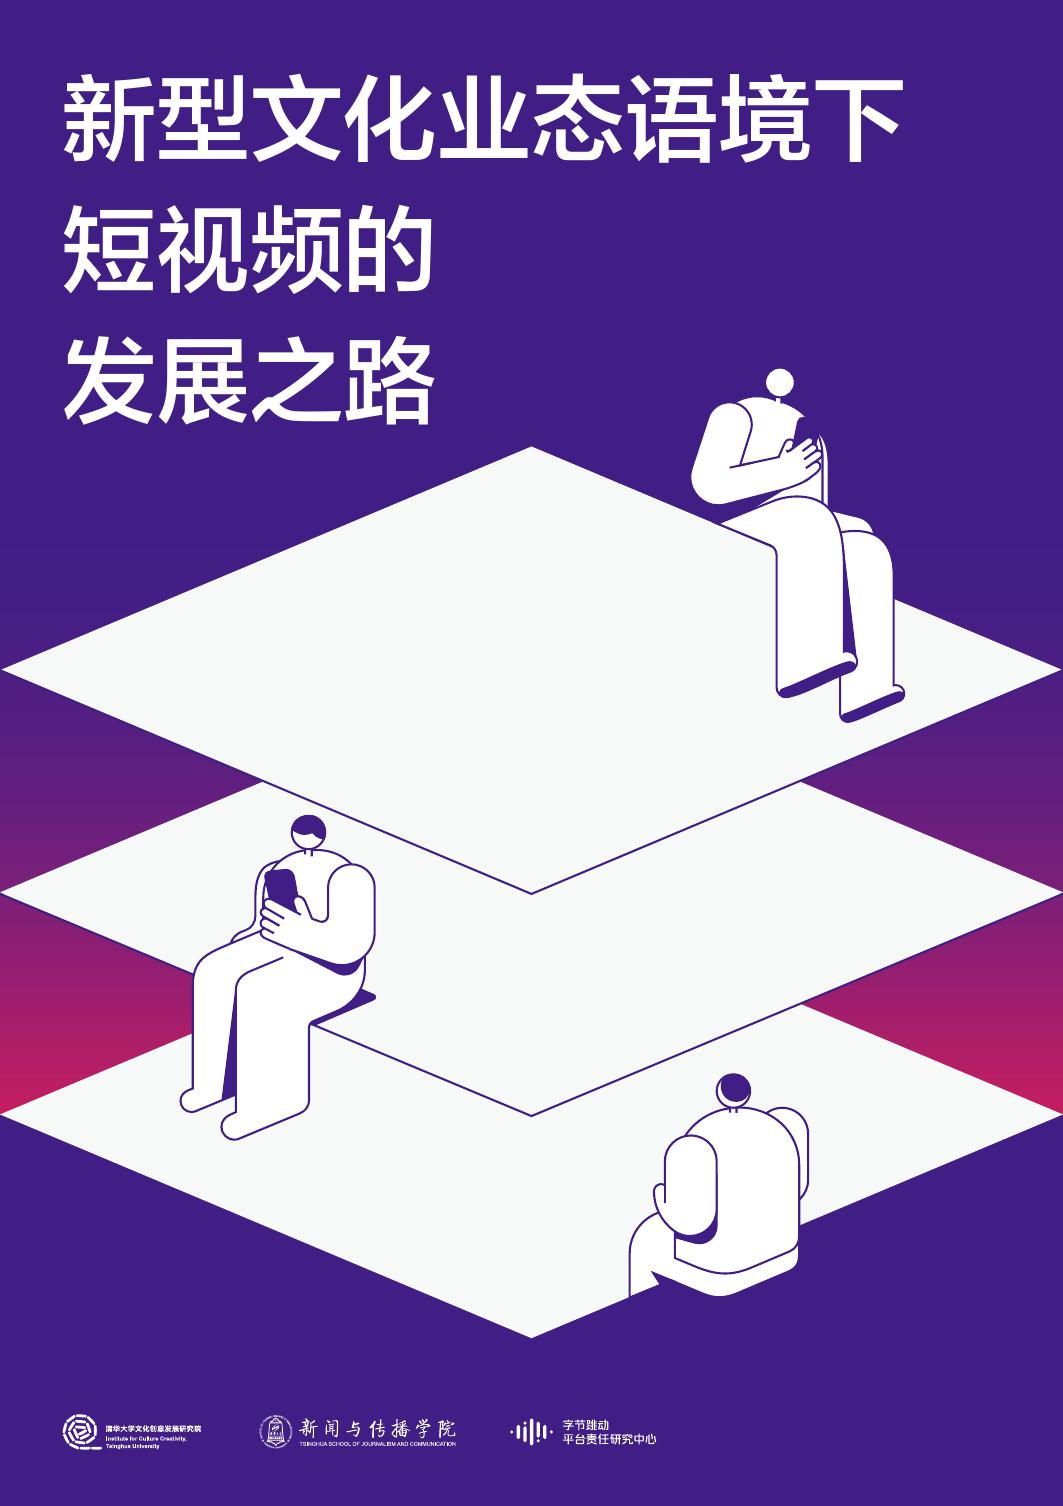 清华大学字节跳动:新型文化业态语境下短视频的发展之路(199it)